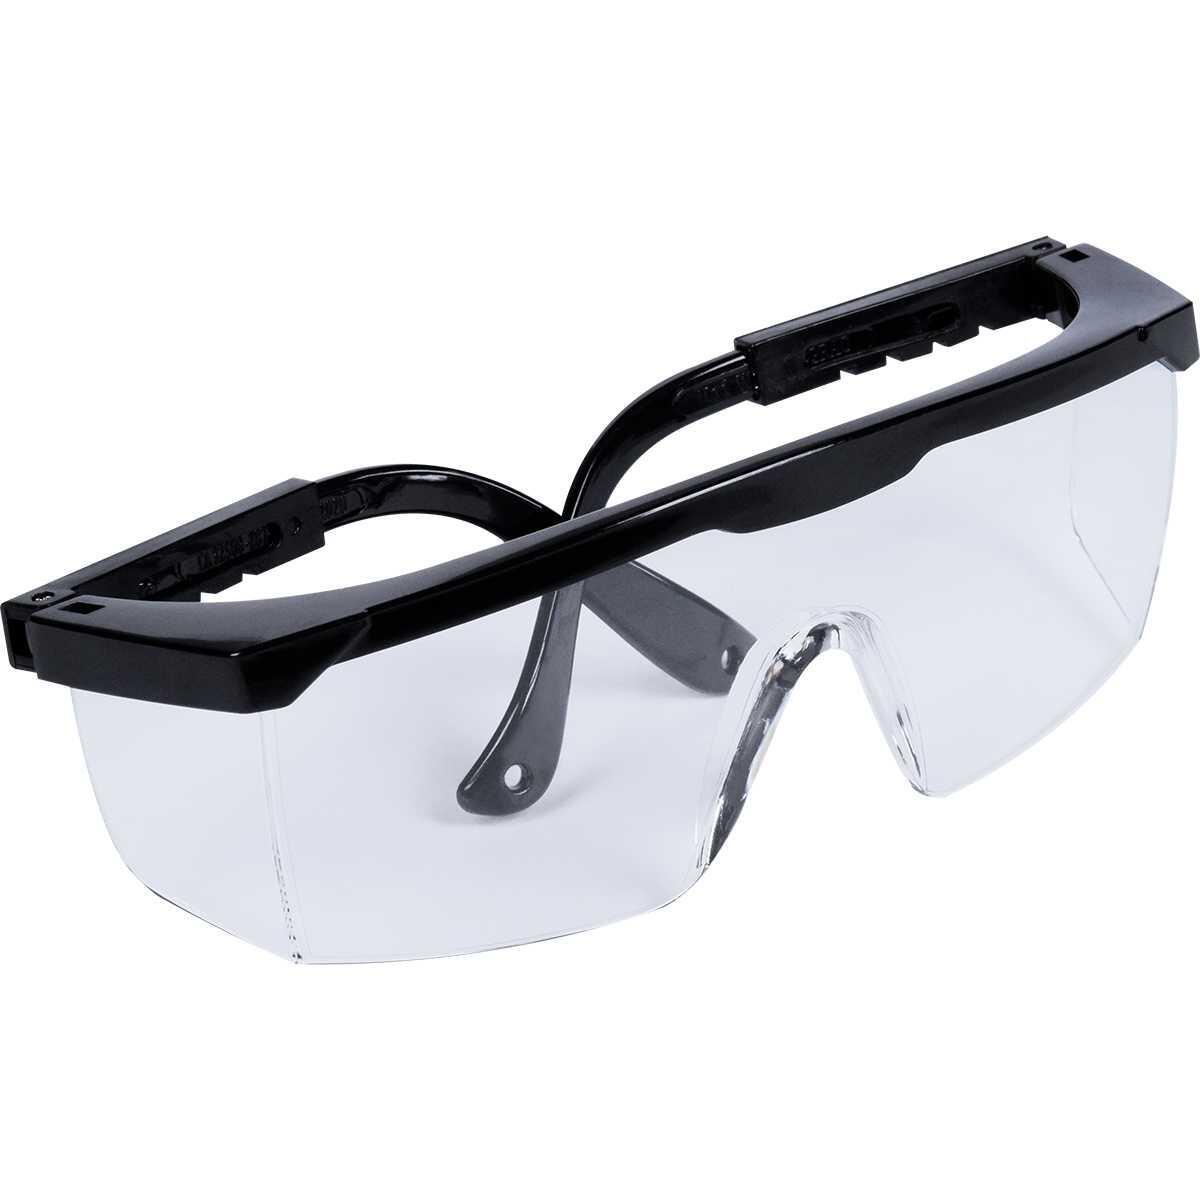 Óculos de Segurança Policarbonato Incolor Wk1-I Worker